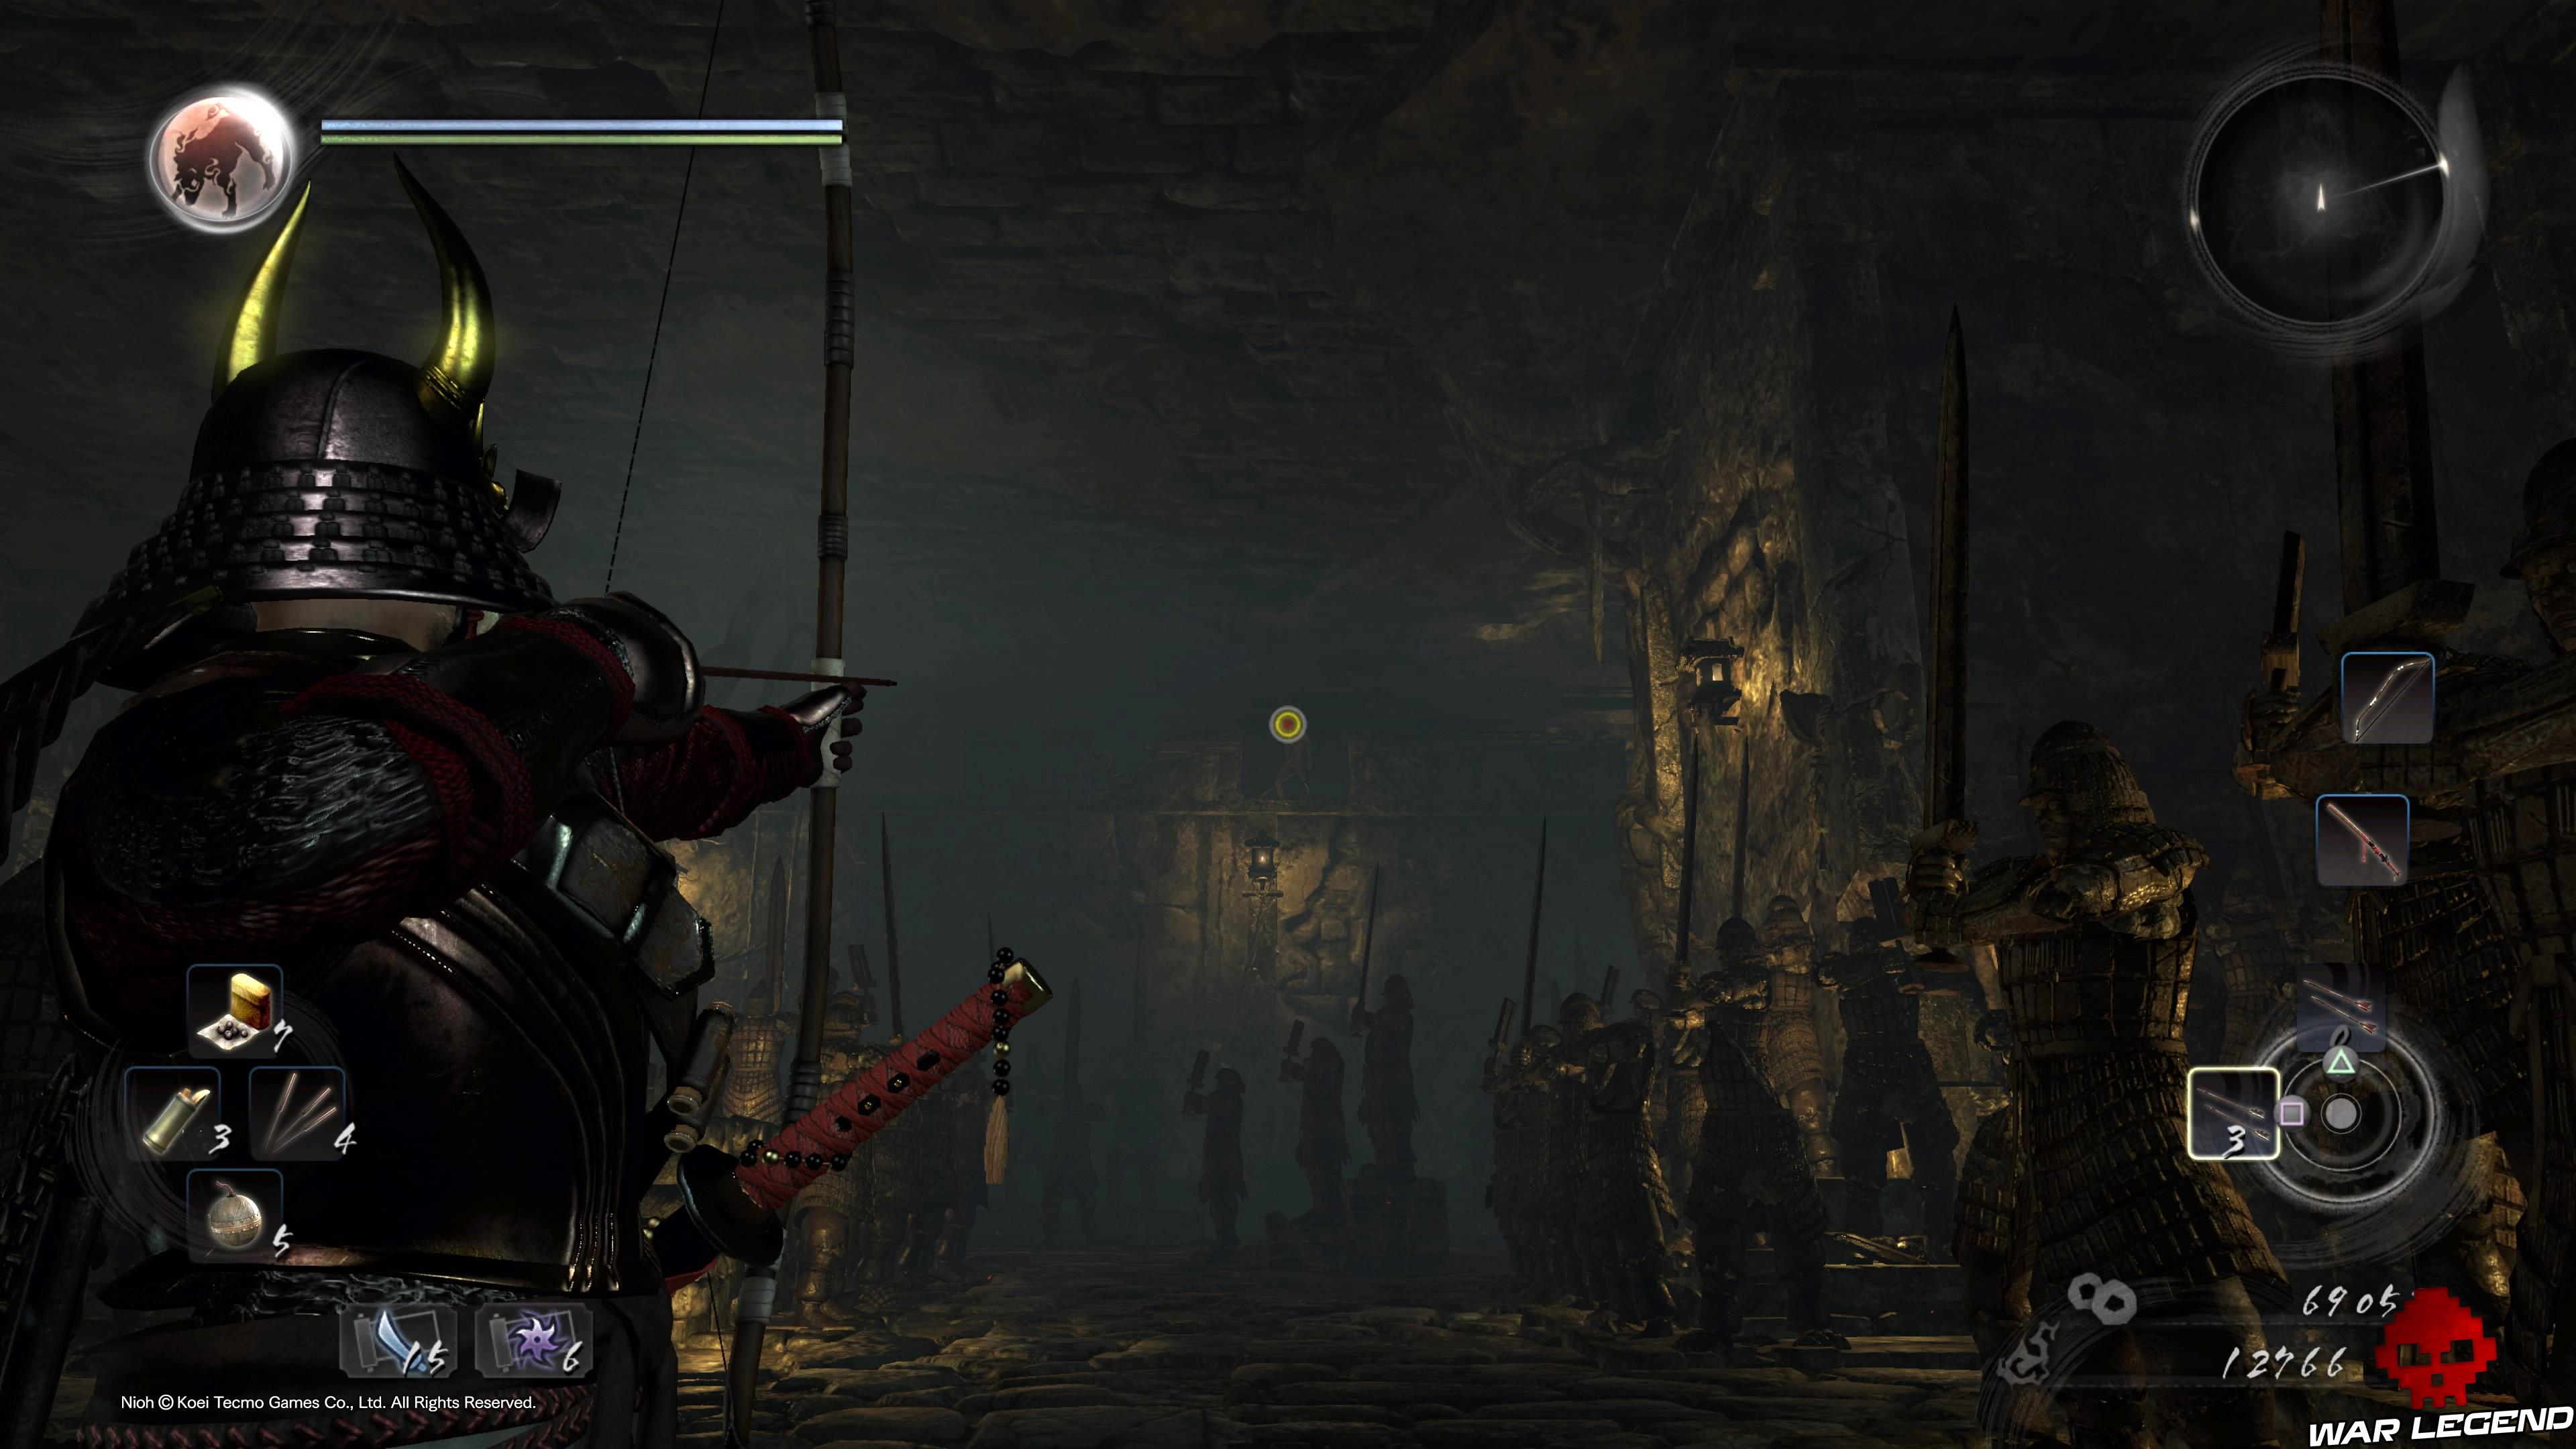 Soluce Nioh - Là où repose la pierre d'esprit tir à l'arc sur mort-vivant en hauteur